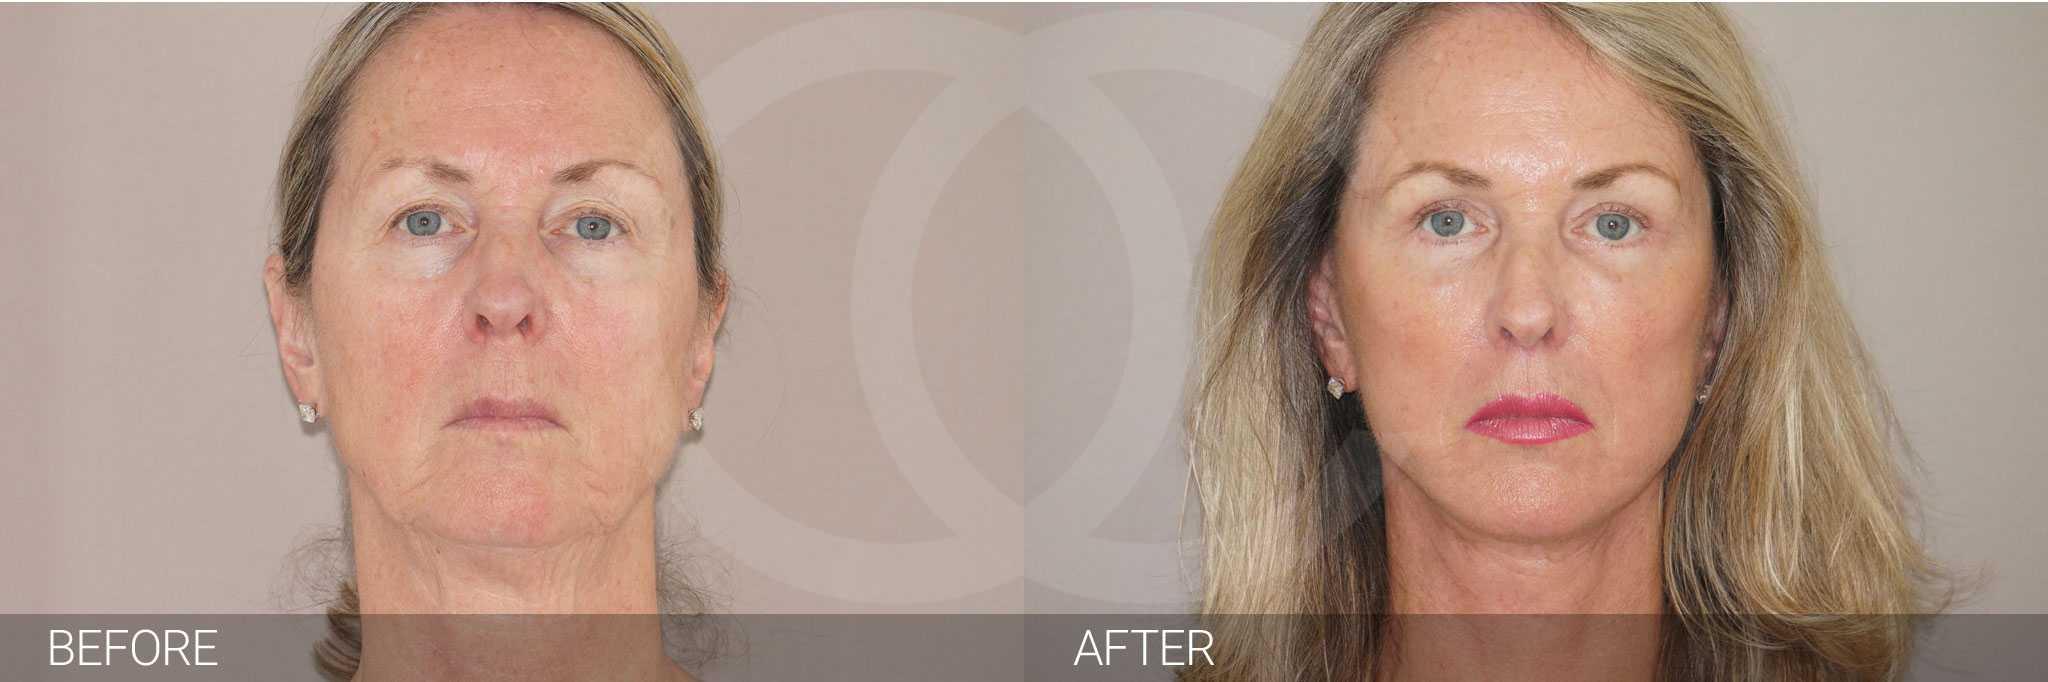 Gesichtsbehandlung mit Eigenfett PAVE-GESICHTSLIFT ante/post-op I